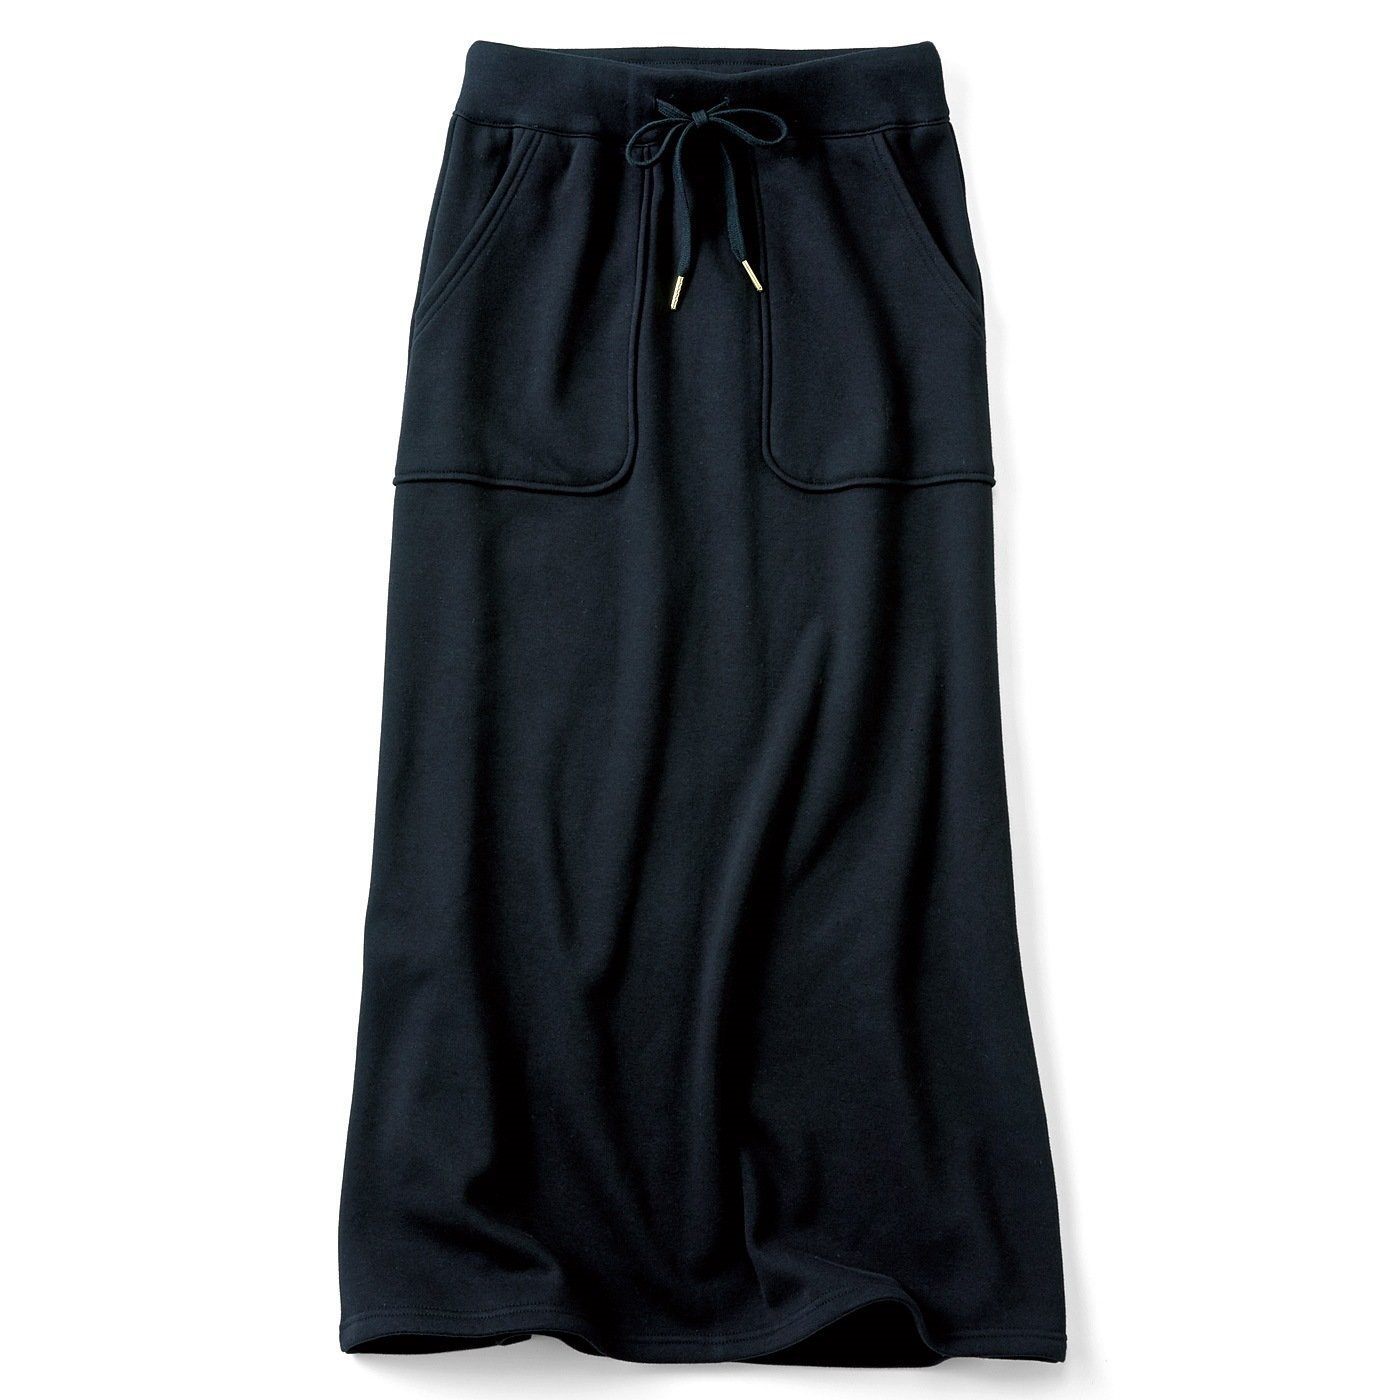 【3~10日でお届け】リブ イン コンフォート すっきり見えシルエットなのに伸びやか 裏シャギーの激ぬくロングスカート〈ブラック〉